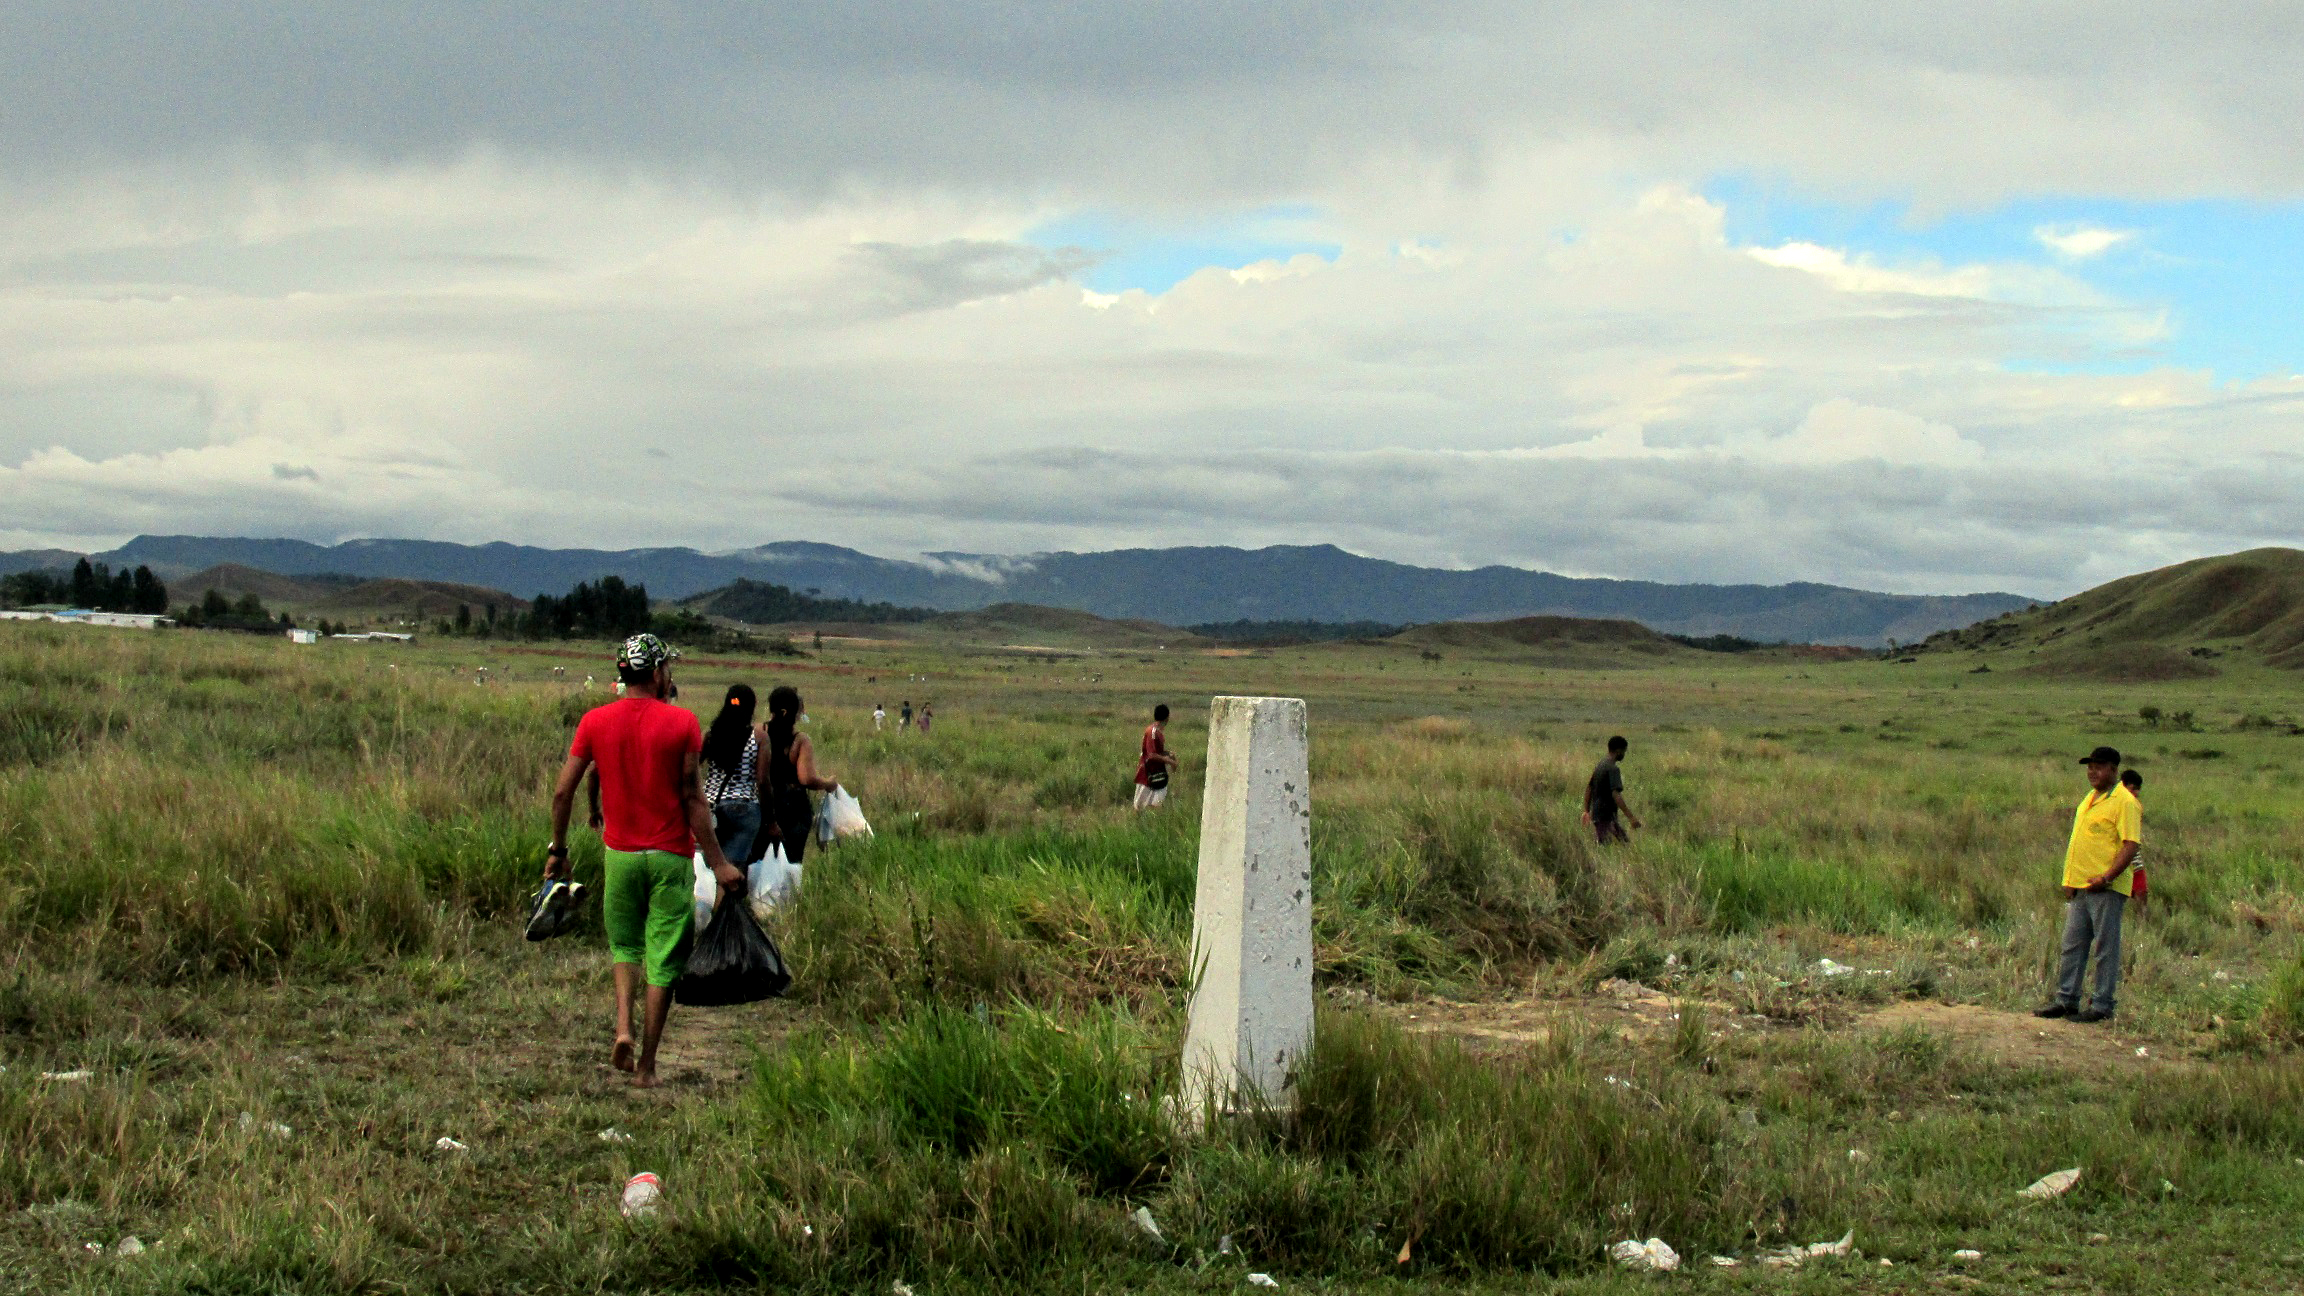 Crise na Venezuela: fechamento da fronteira causa transtornos na divisa com o Brasil